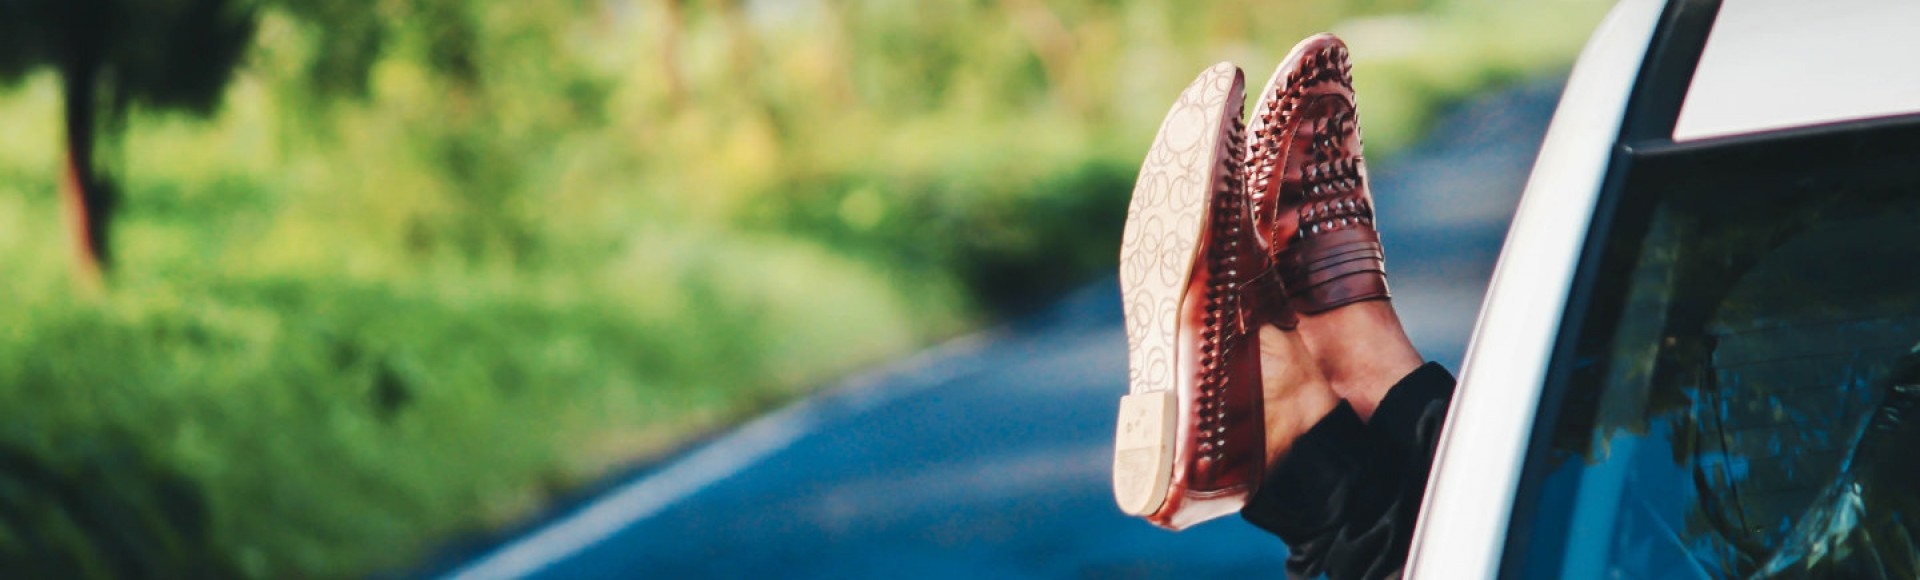 Veilig rijden in Spanje begint met een goede autoverzekering